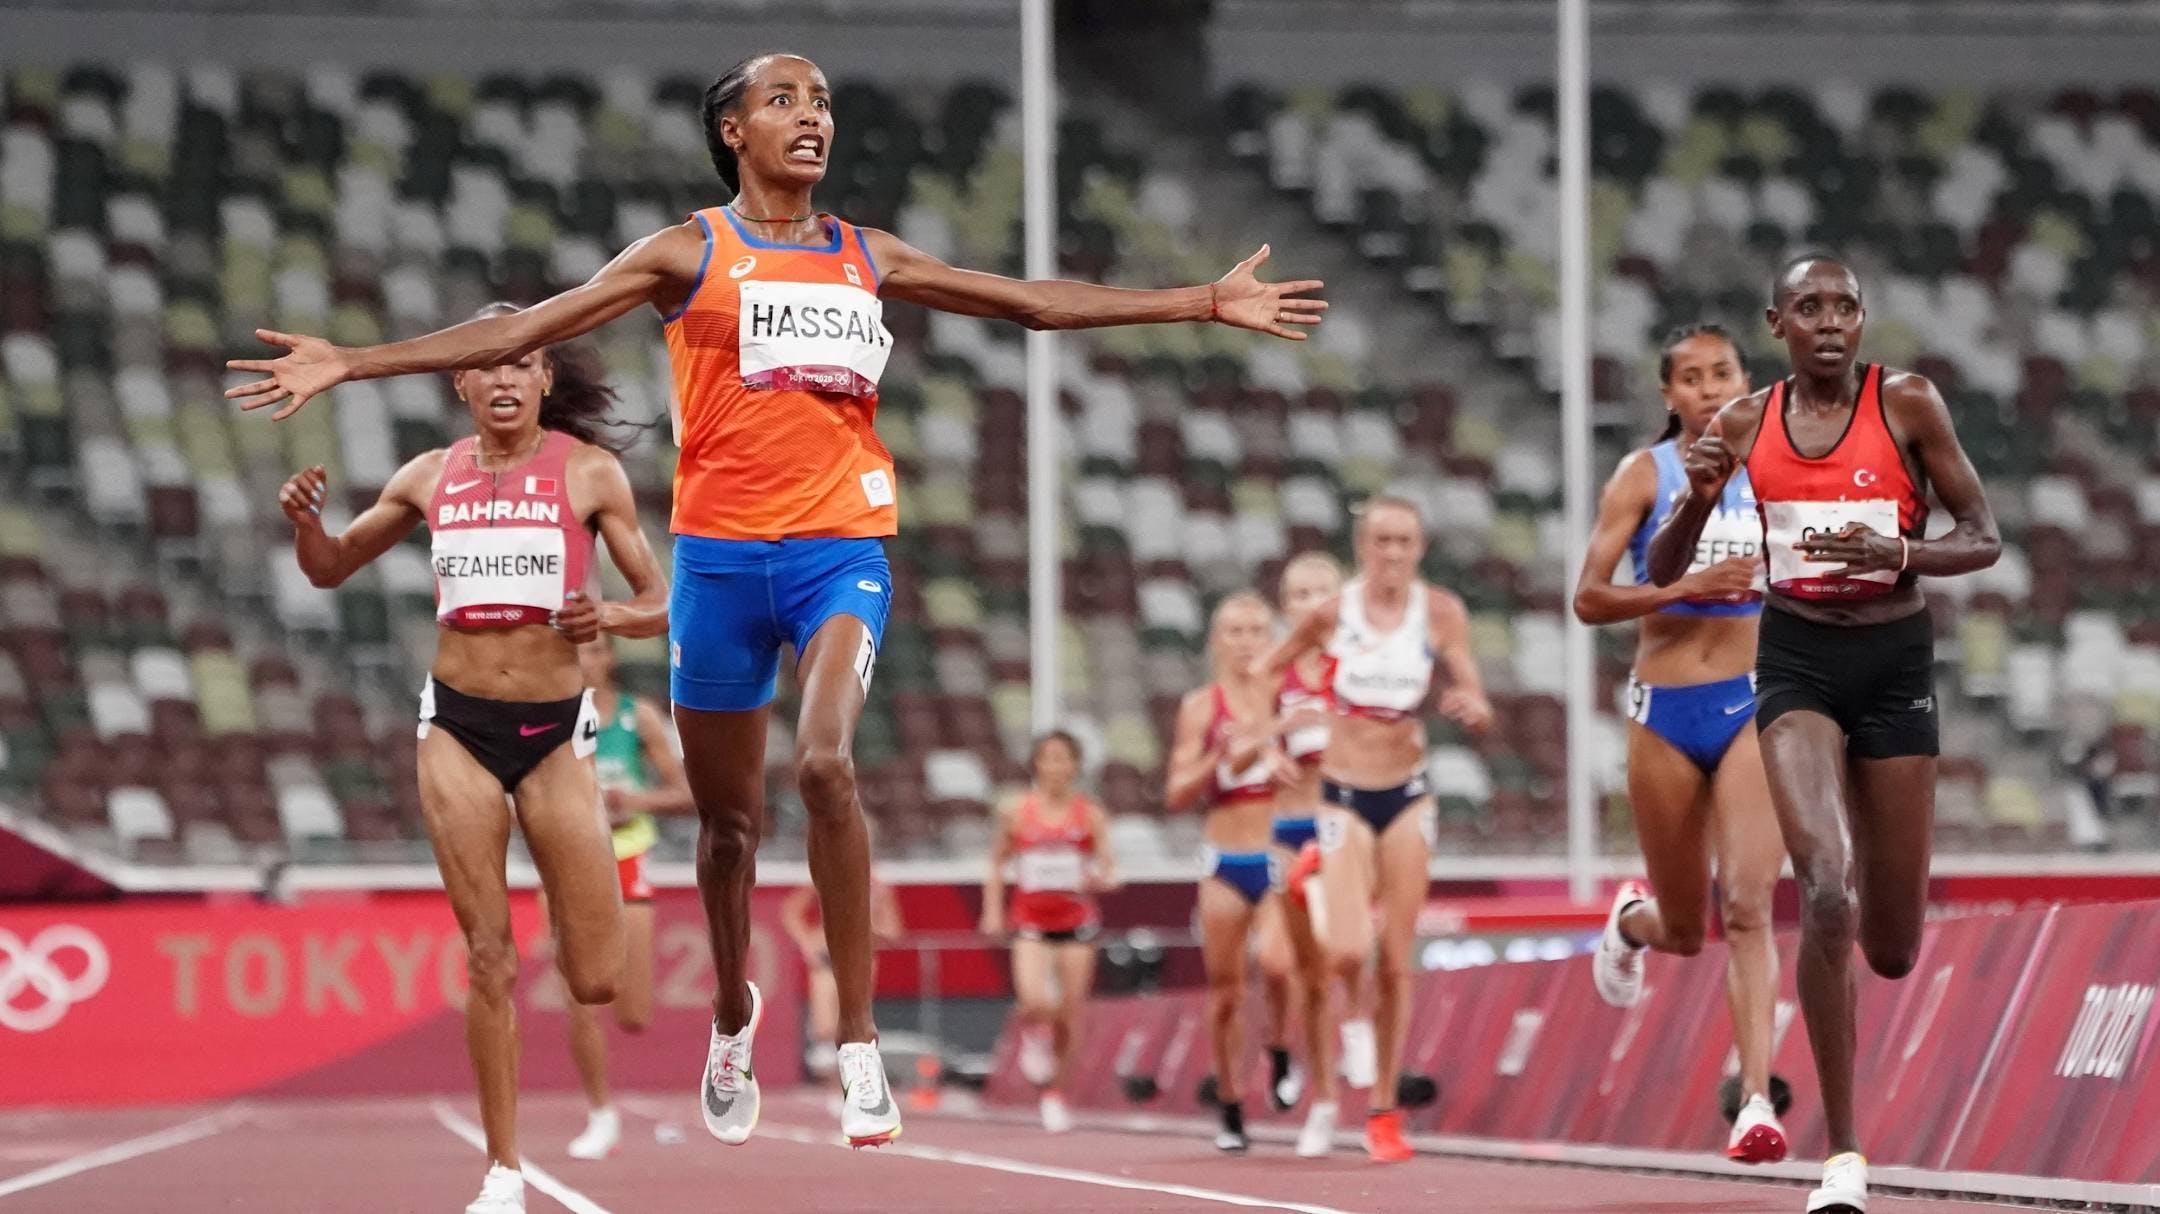 Η Sifan Hassan θα κυνηγήσει το παγκόσμιο ρεκόρ στα 5.000μ. στο Όρεγκον